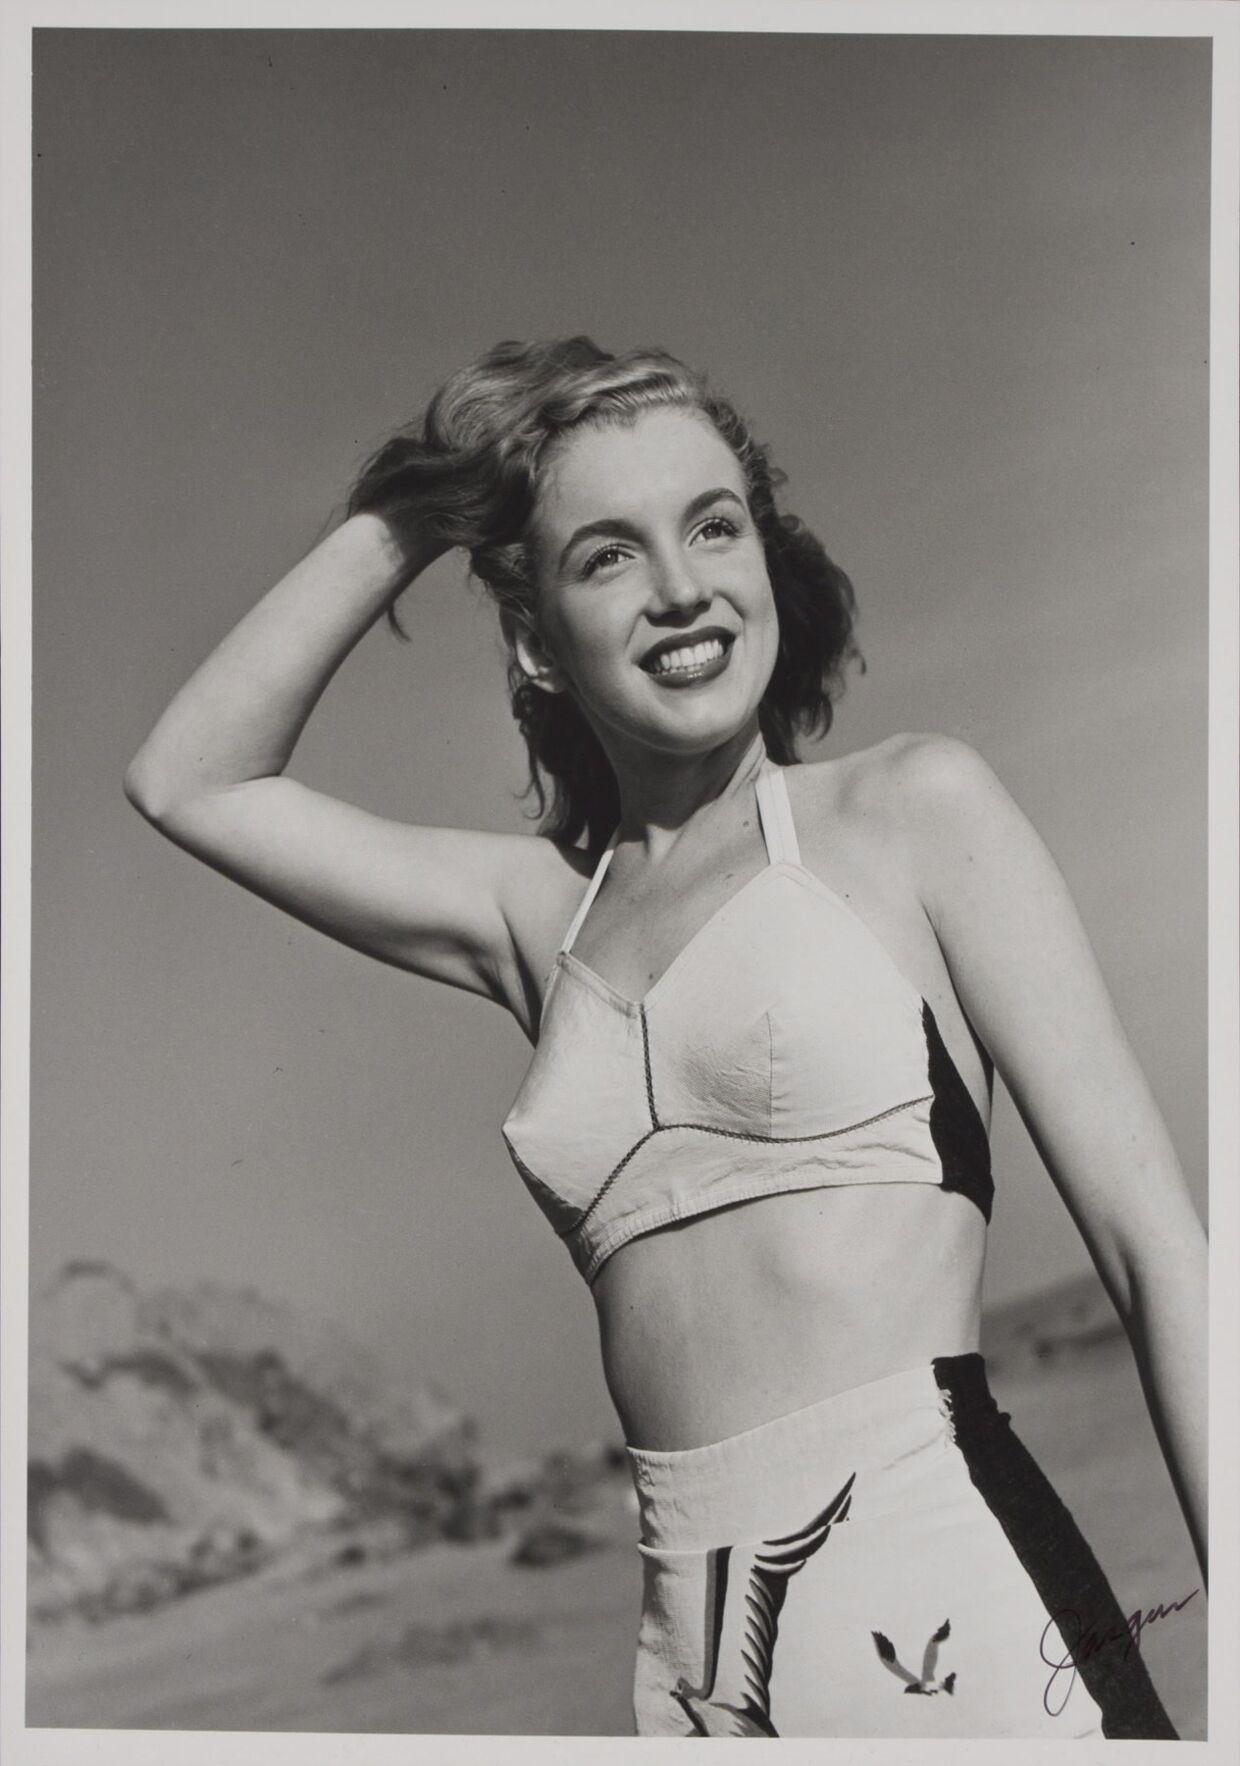 1950erne handler om sex, men på en dydig måde. Torpedobrysterne, her på en ung Marilyn Monroe, dukker op for første gang.Foto: Joseph Jasgur/EPA/Julien Auctions